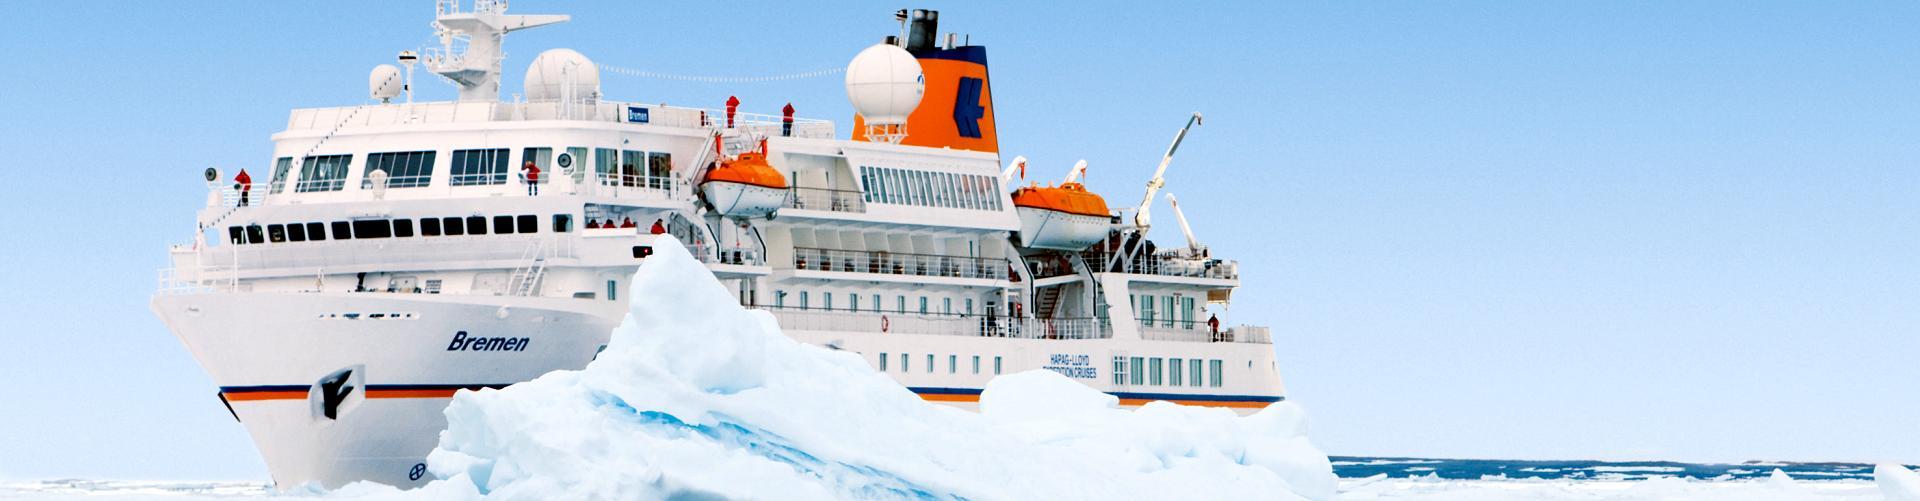 Antarktis Expedition mit MS Bremen